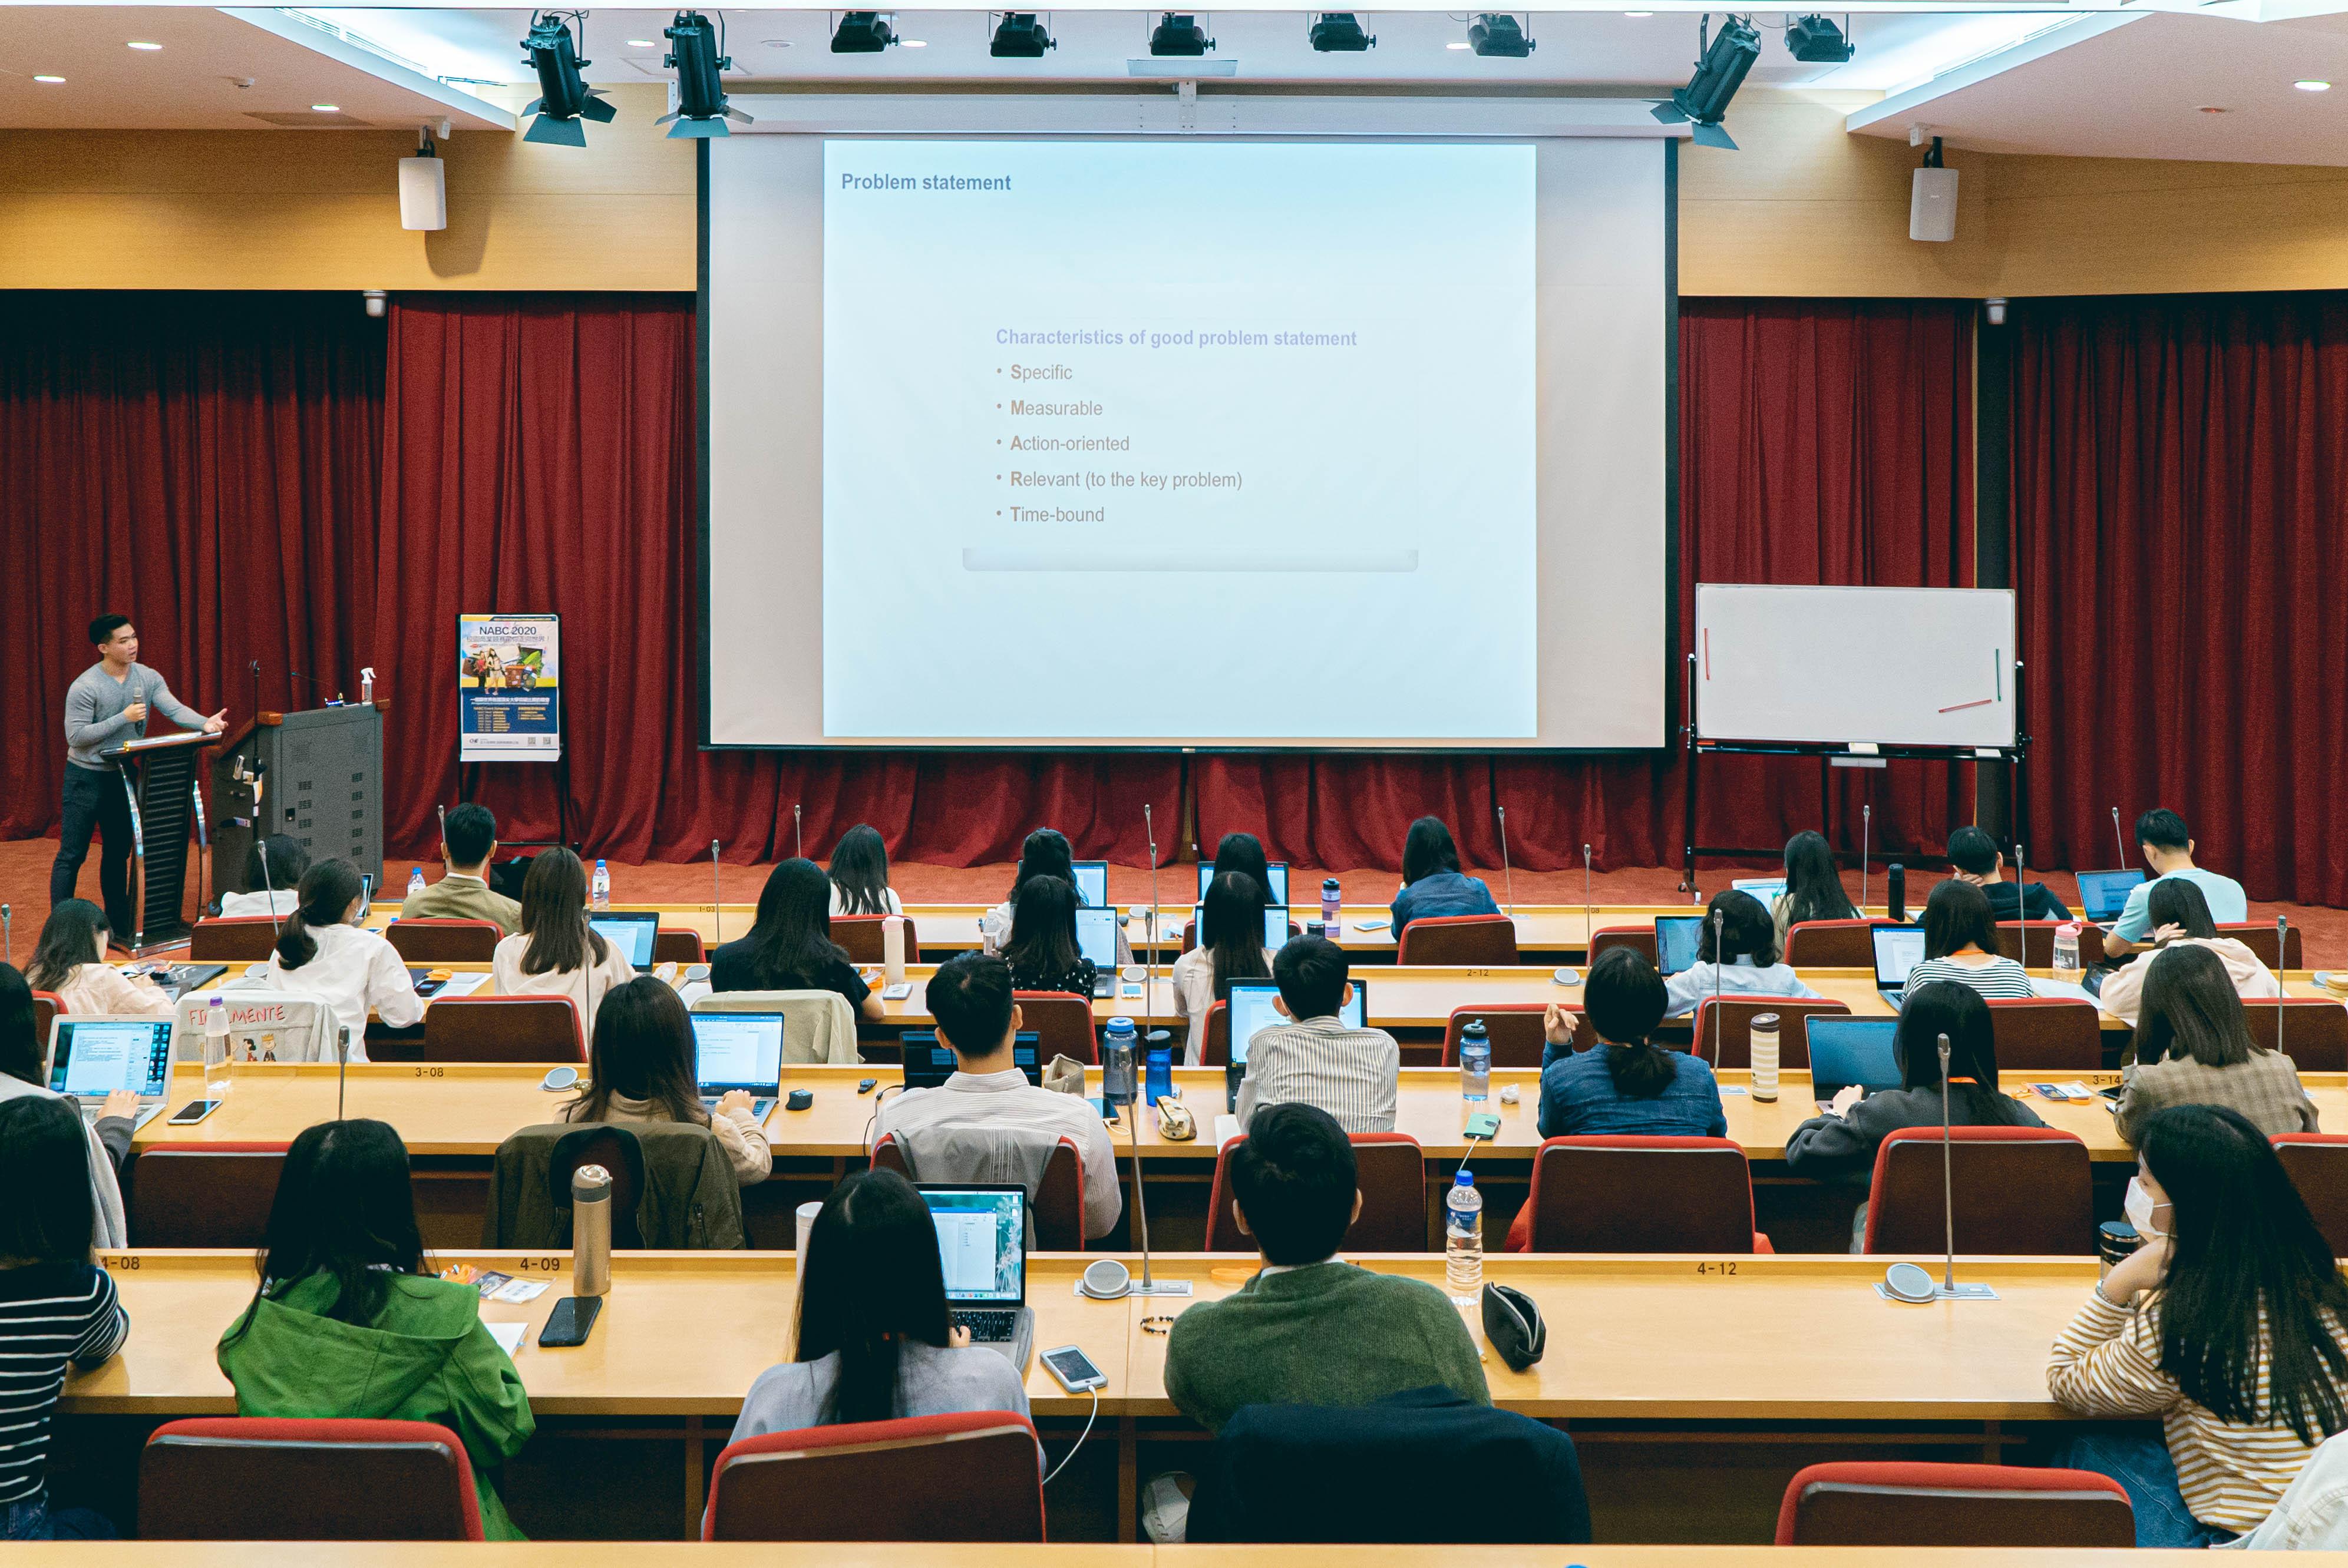 NABC 2020 校園商業競賽技能訓練工坊─ 個案解析與架構教學